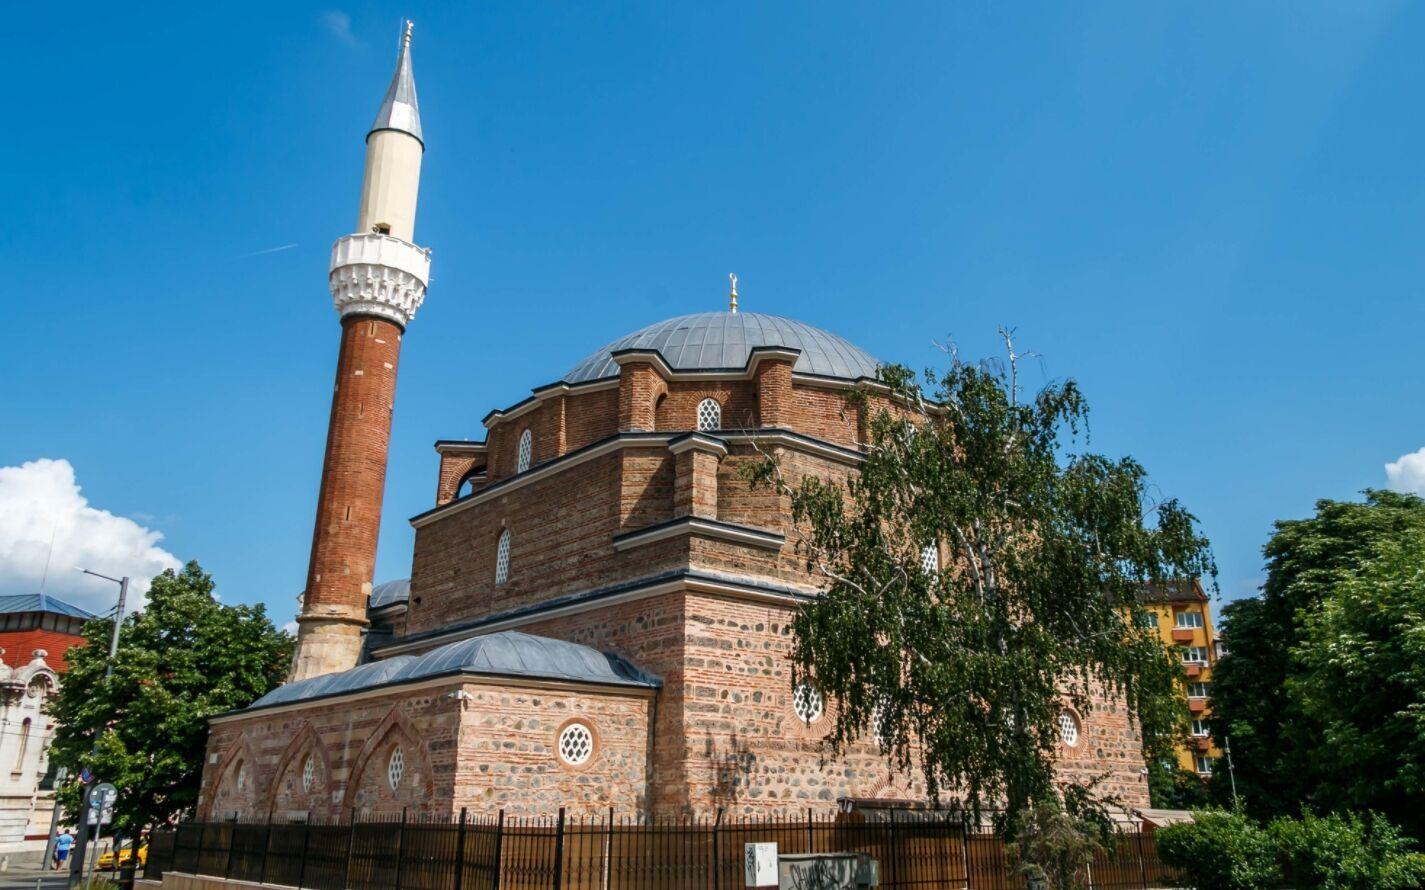 Мечеть Баня-Баши в Болгарии – одна из главных достопримечательностей страны